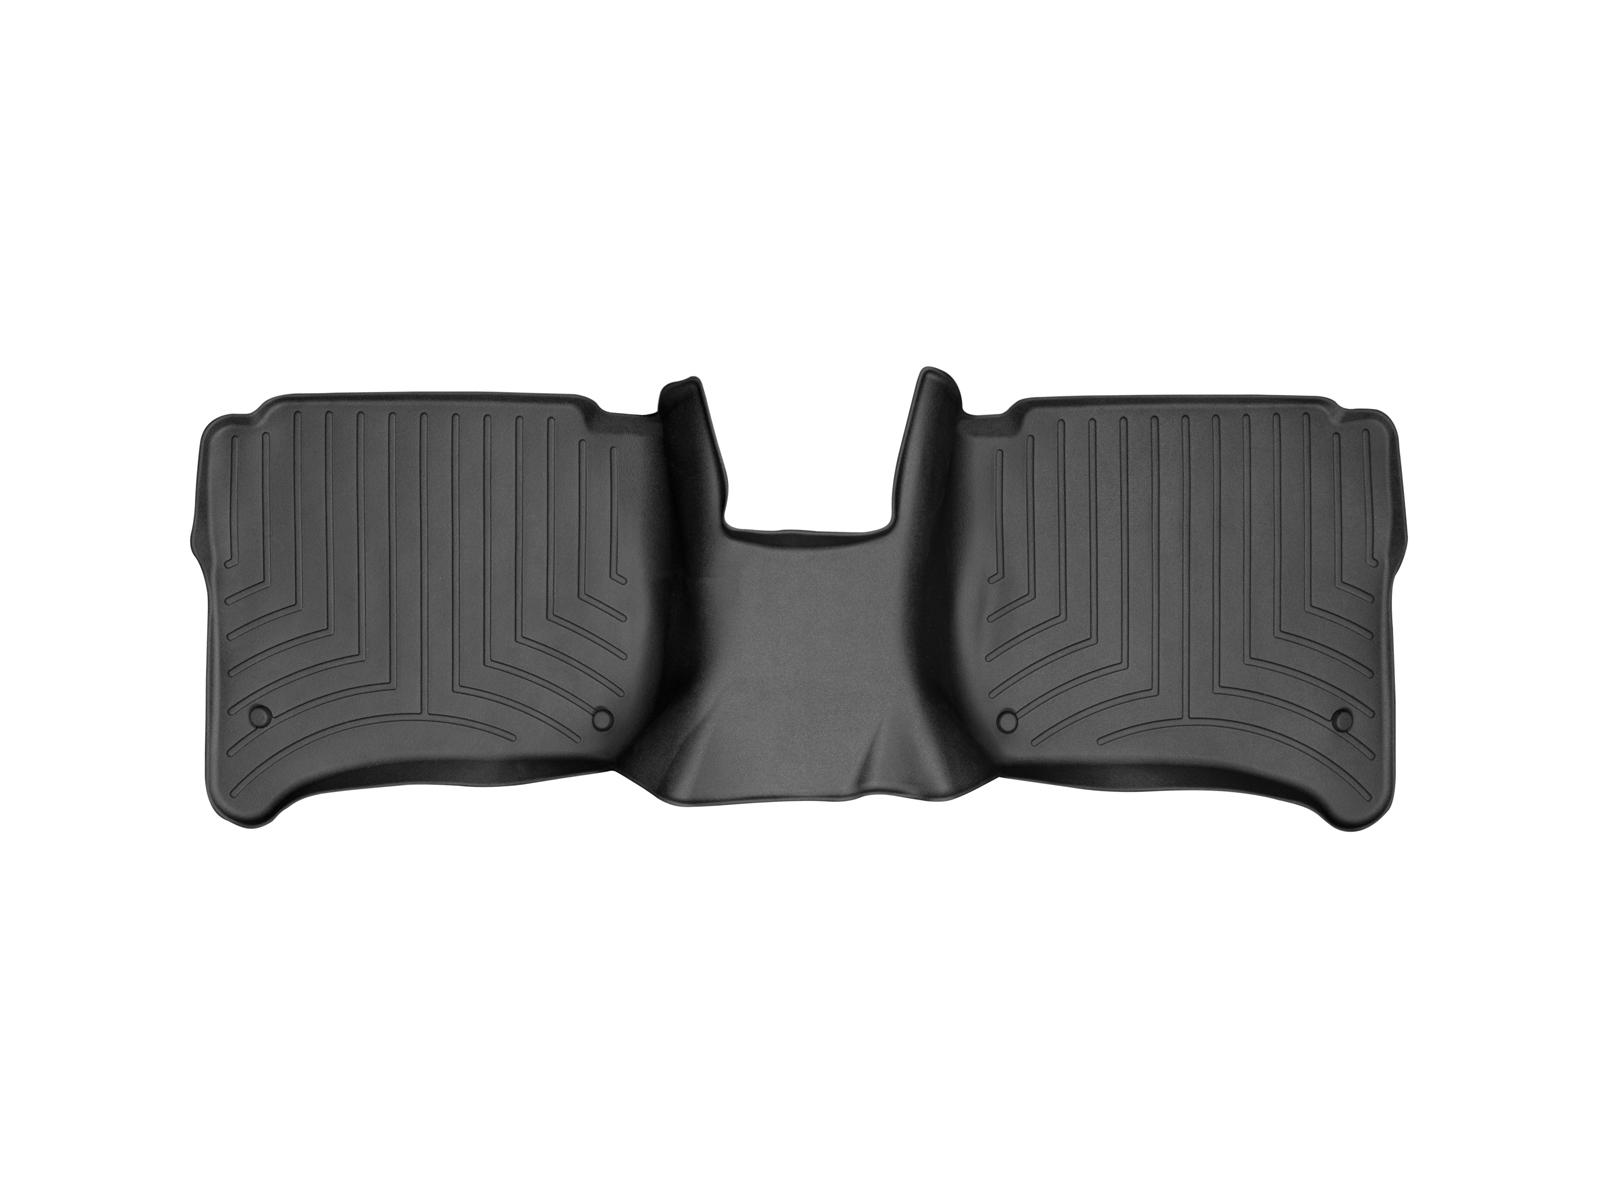 Tappeti gomma su misura bordo alto Volkswagen Touareg 10>10 Nero A4326*